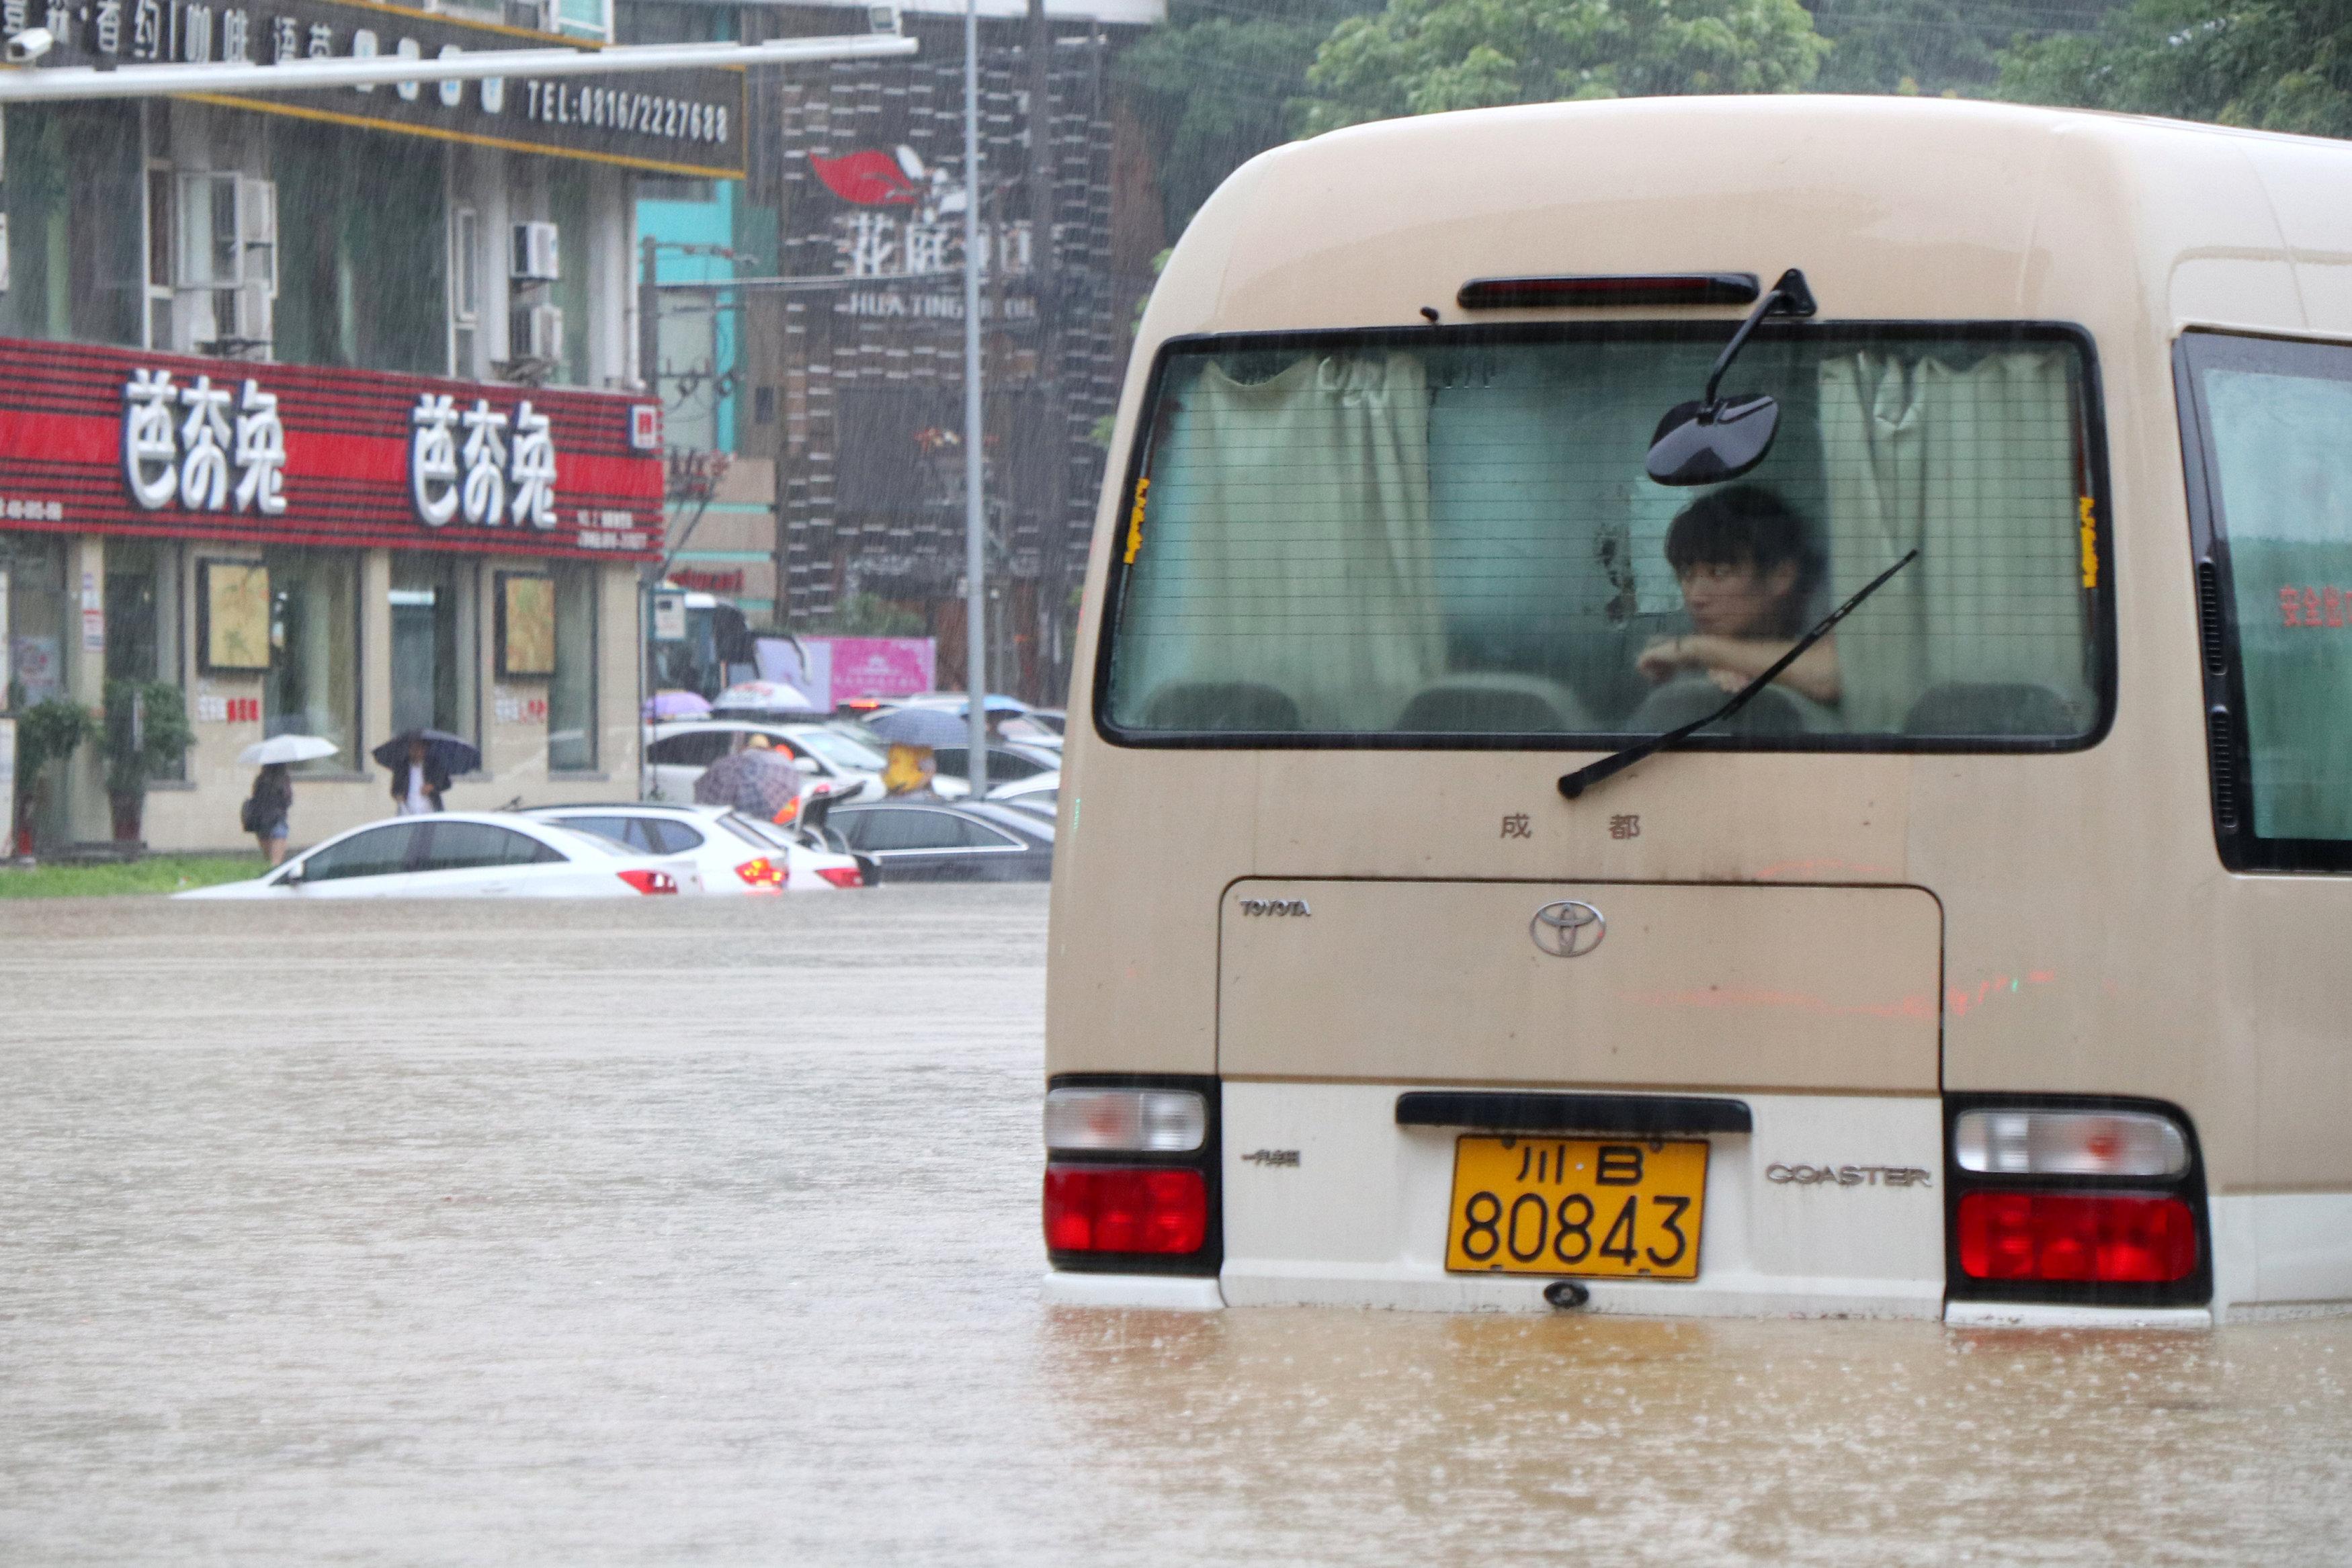 ارتفاع منسوب المياه فى الشوارع